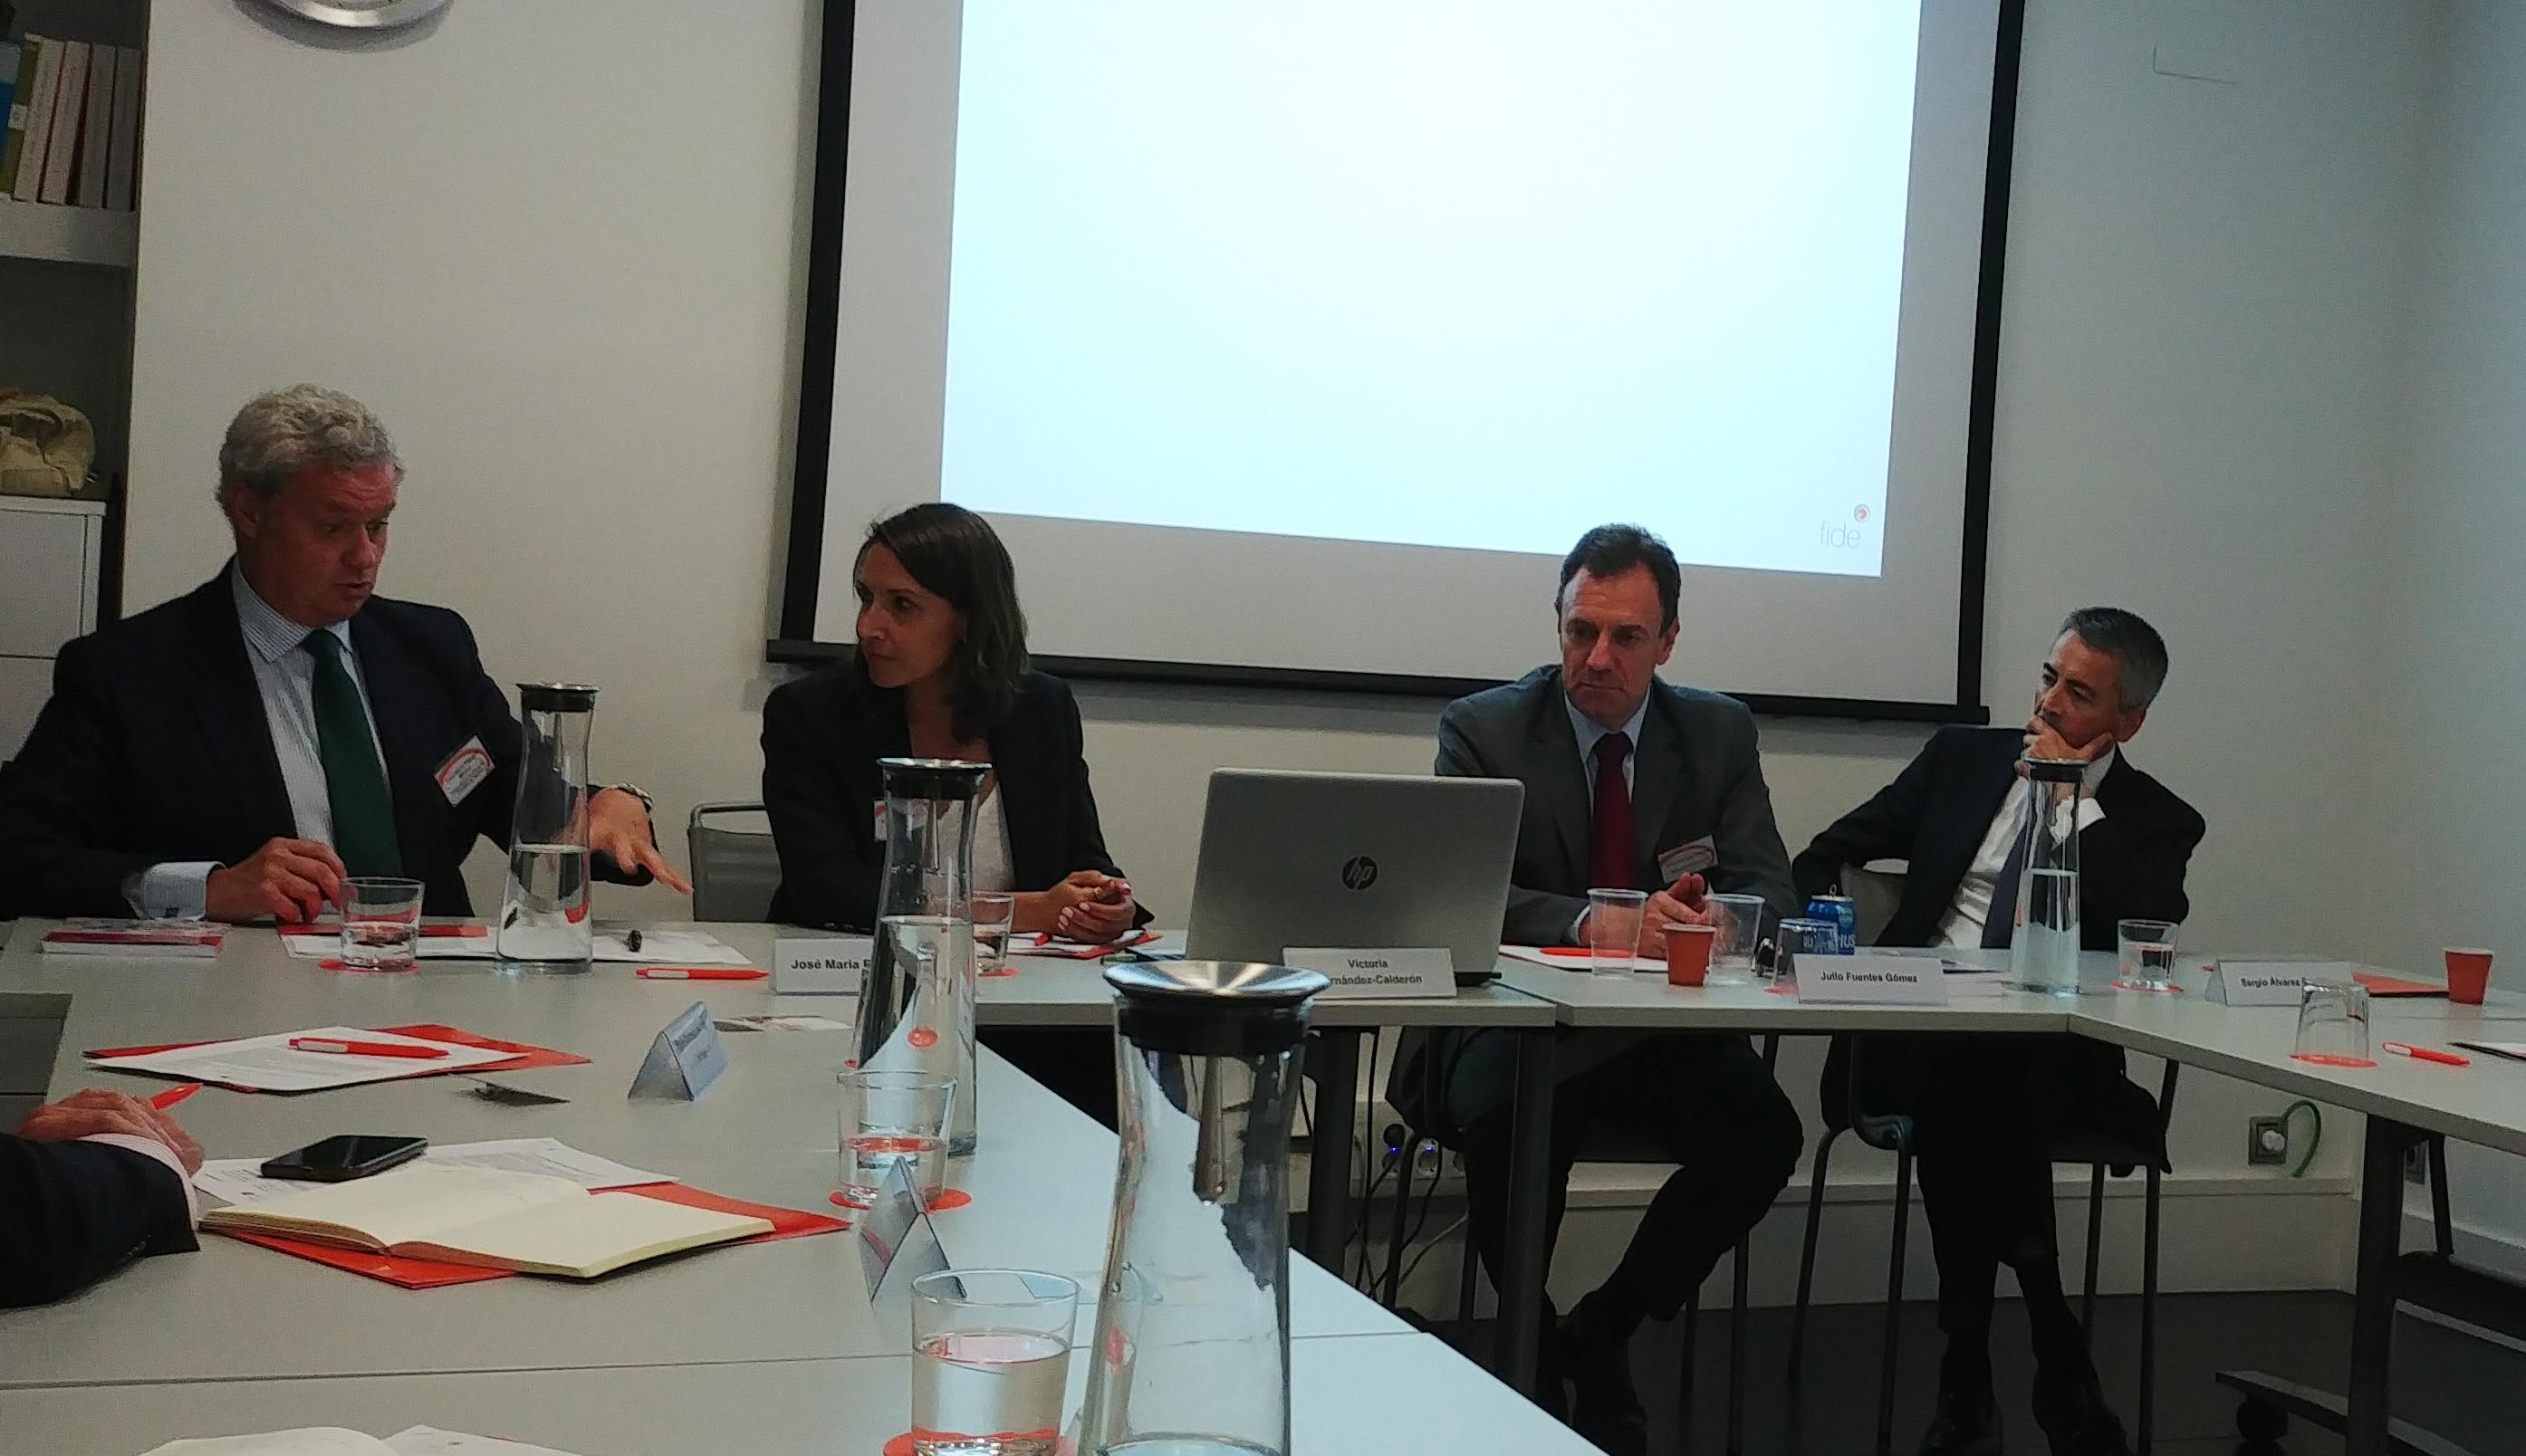 Sesión de Fide Se evidencia la ausencia de un lenguaje jurídico claro en el sector bancario y asegurador